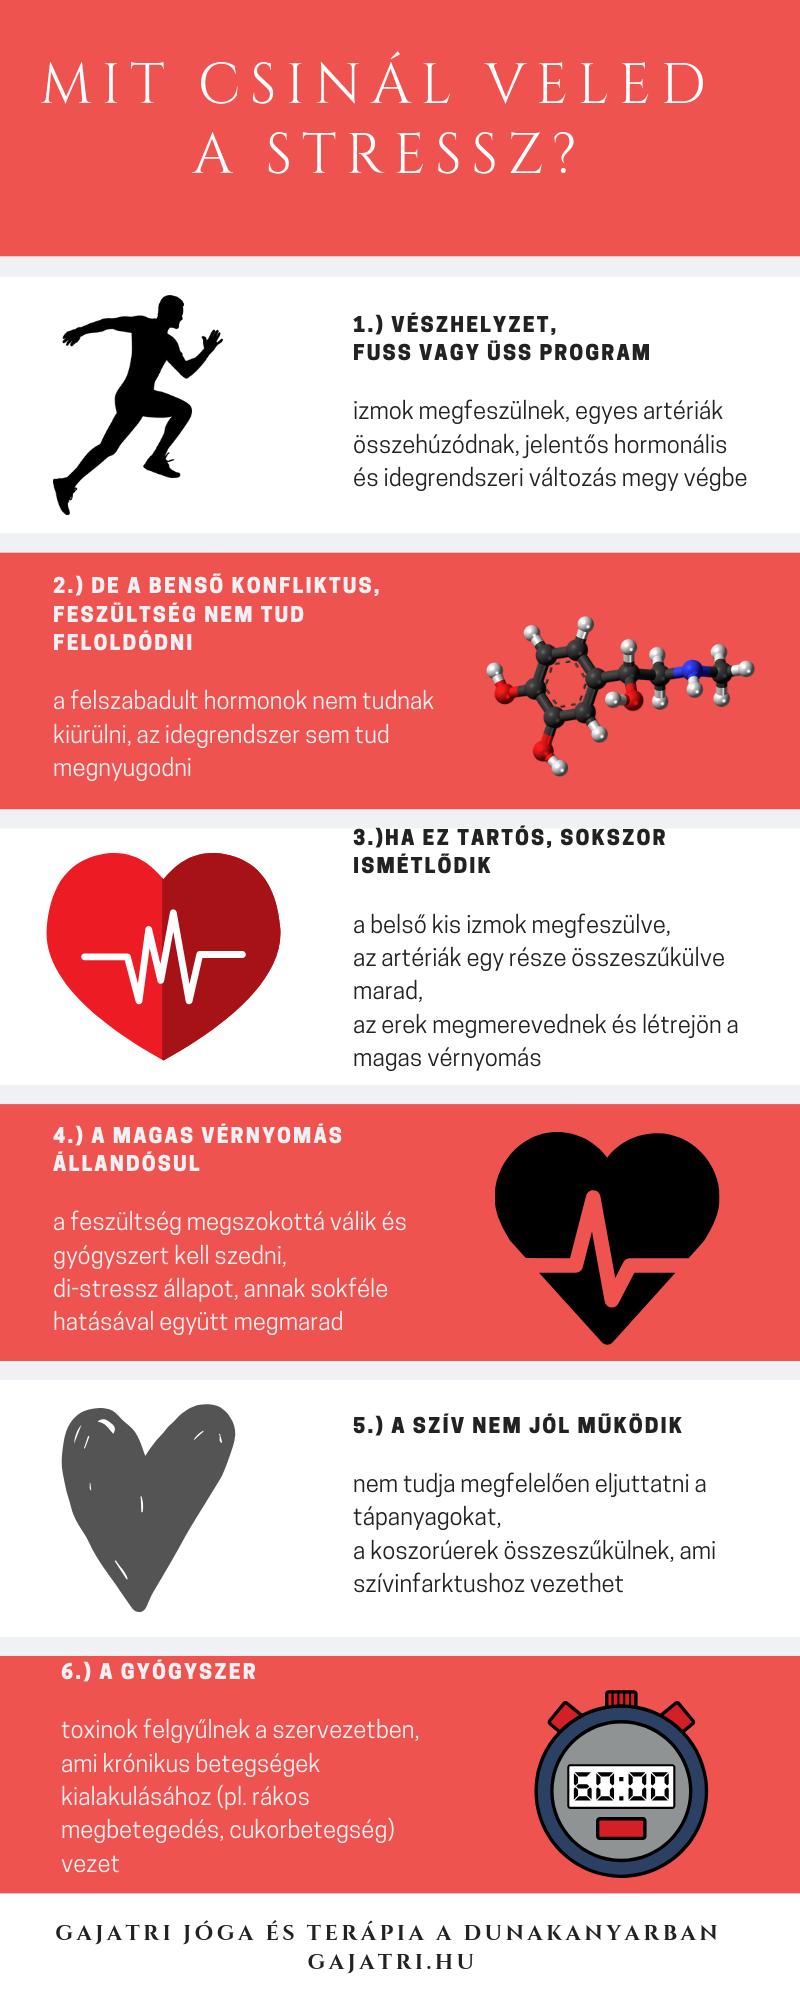 stádiumú magas vérnyomás kezelése a magnézium nélkülözhetetlen ásványi anyag a magas vérnyomás étrendjében